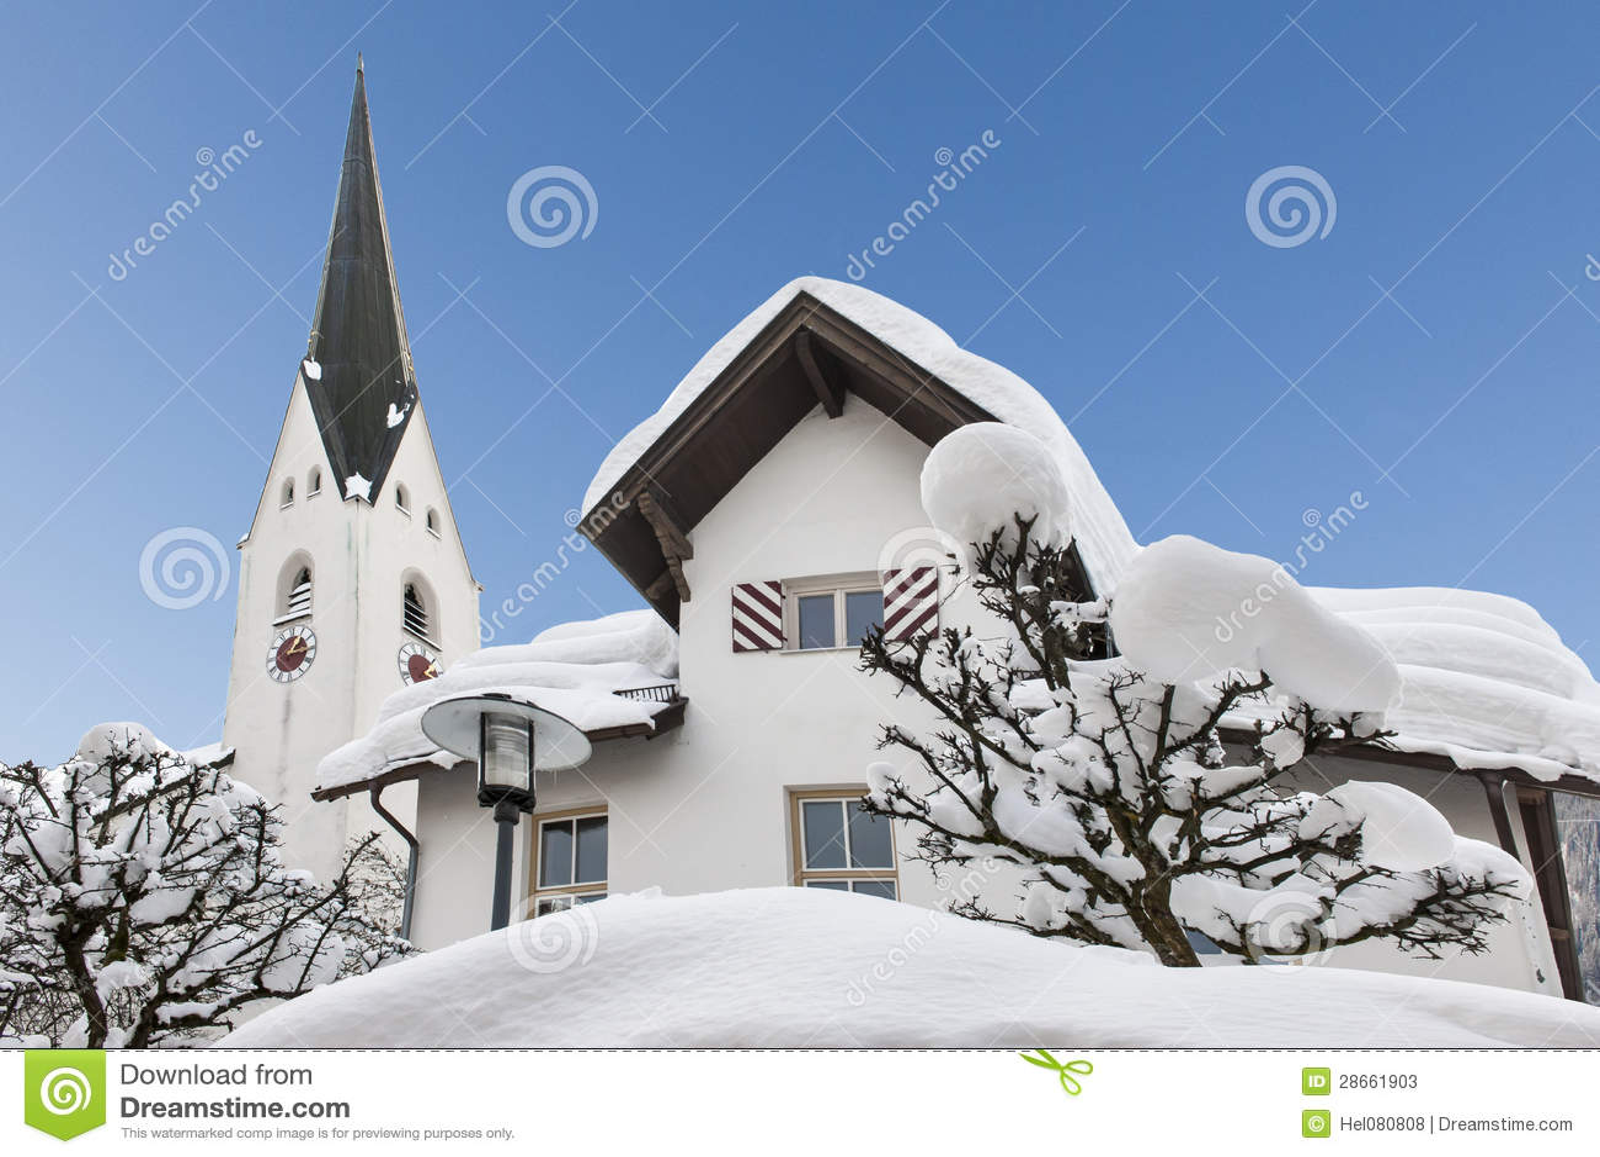 Täckt stadshusOberstdorf snow